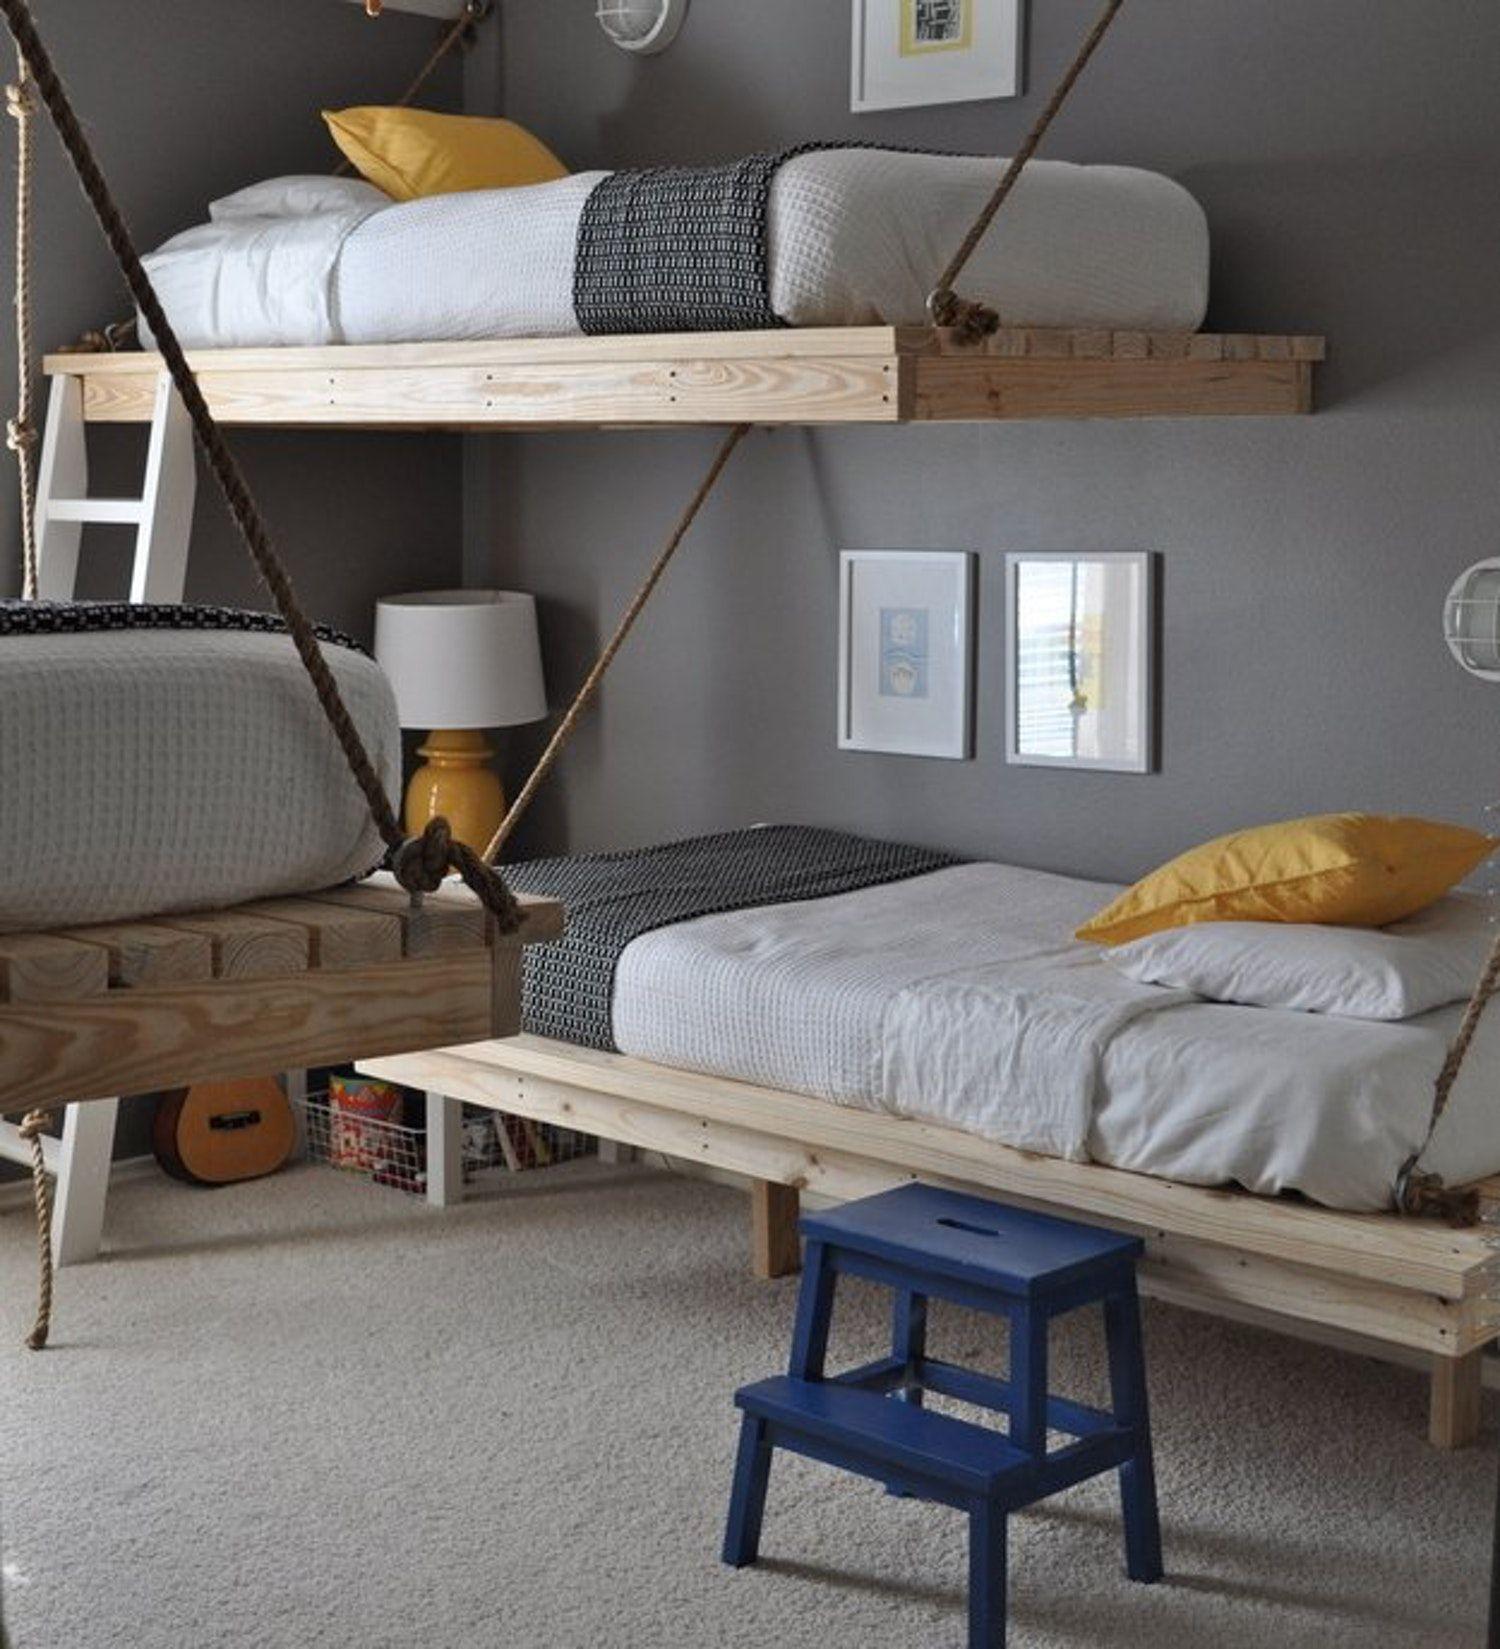 How to diy a loft bed u renters solutions lofts bathroom designs